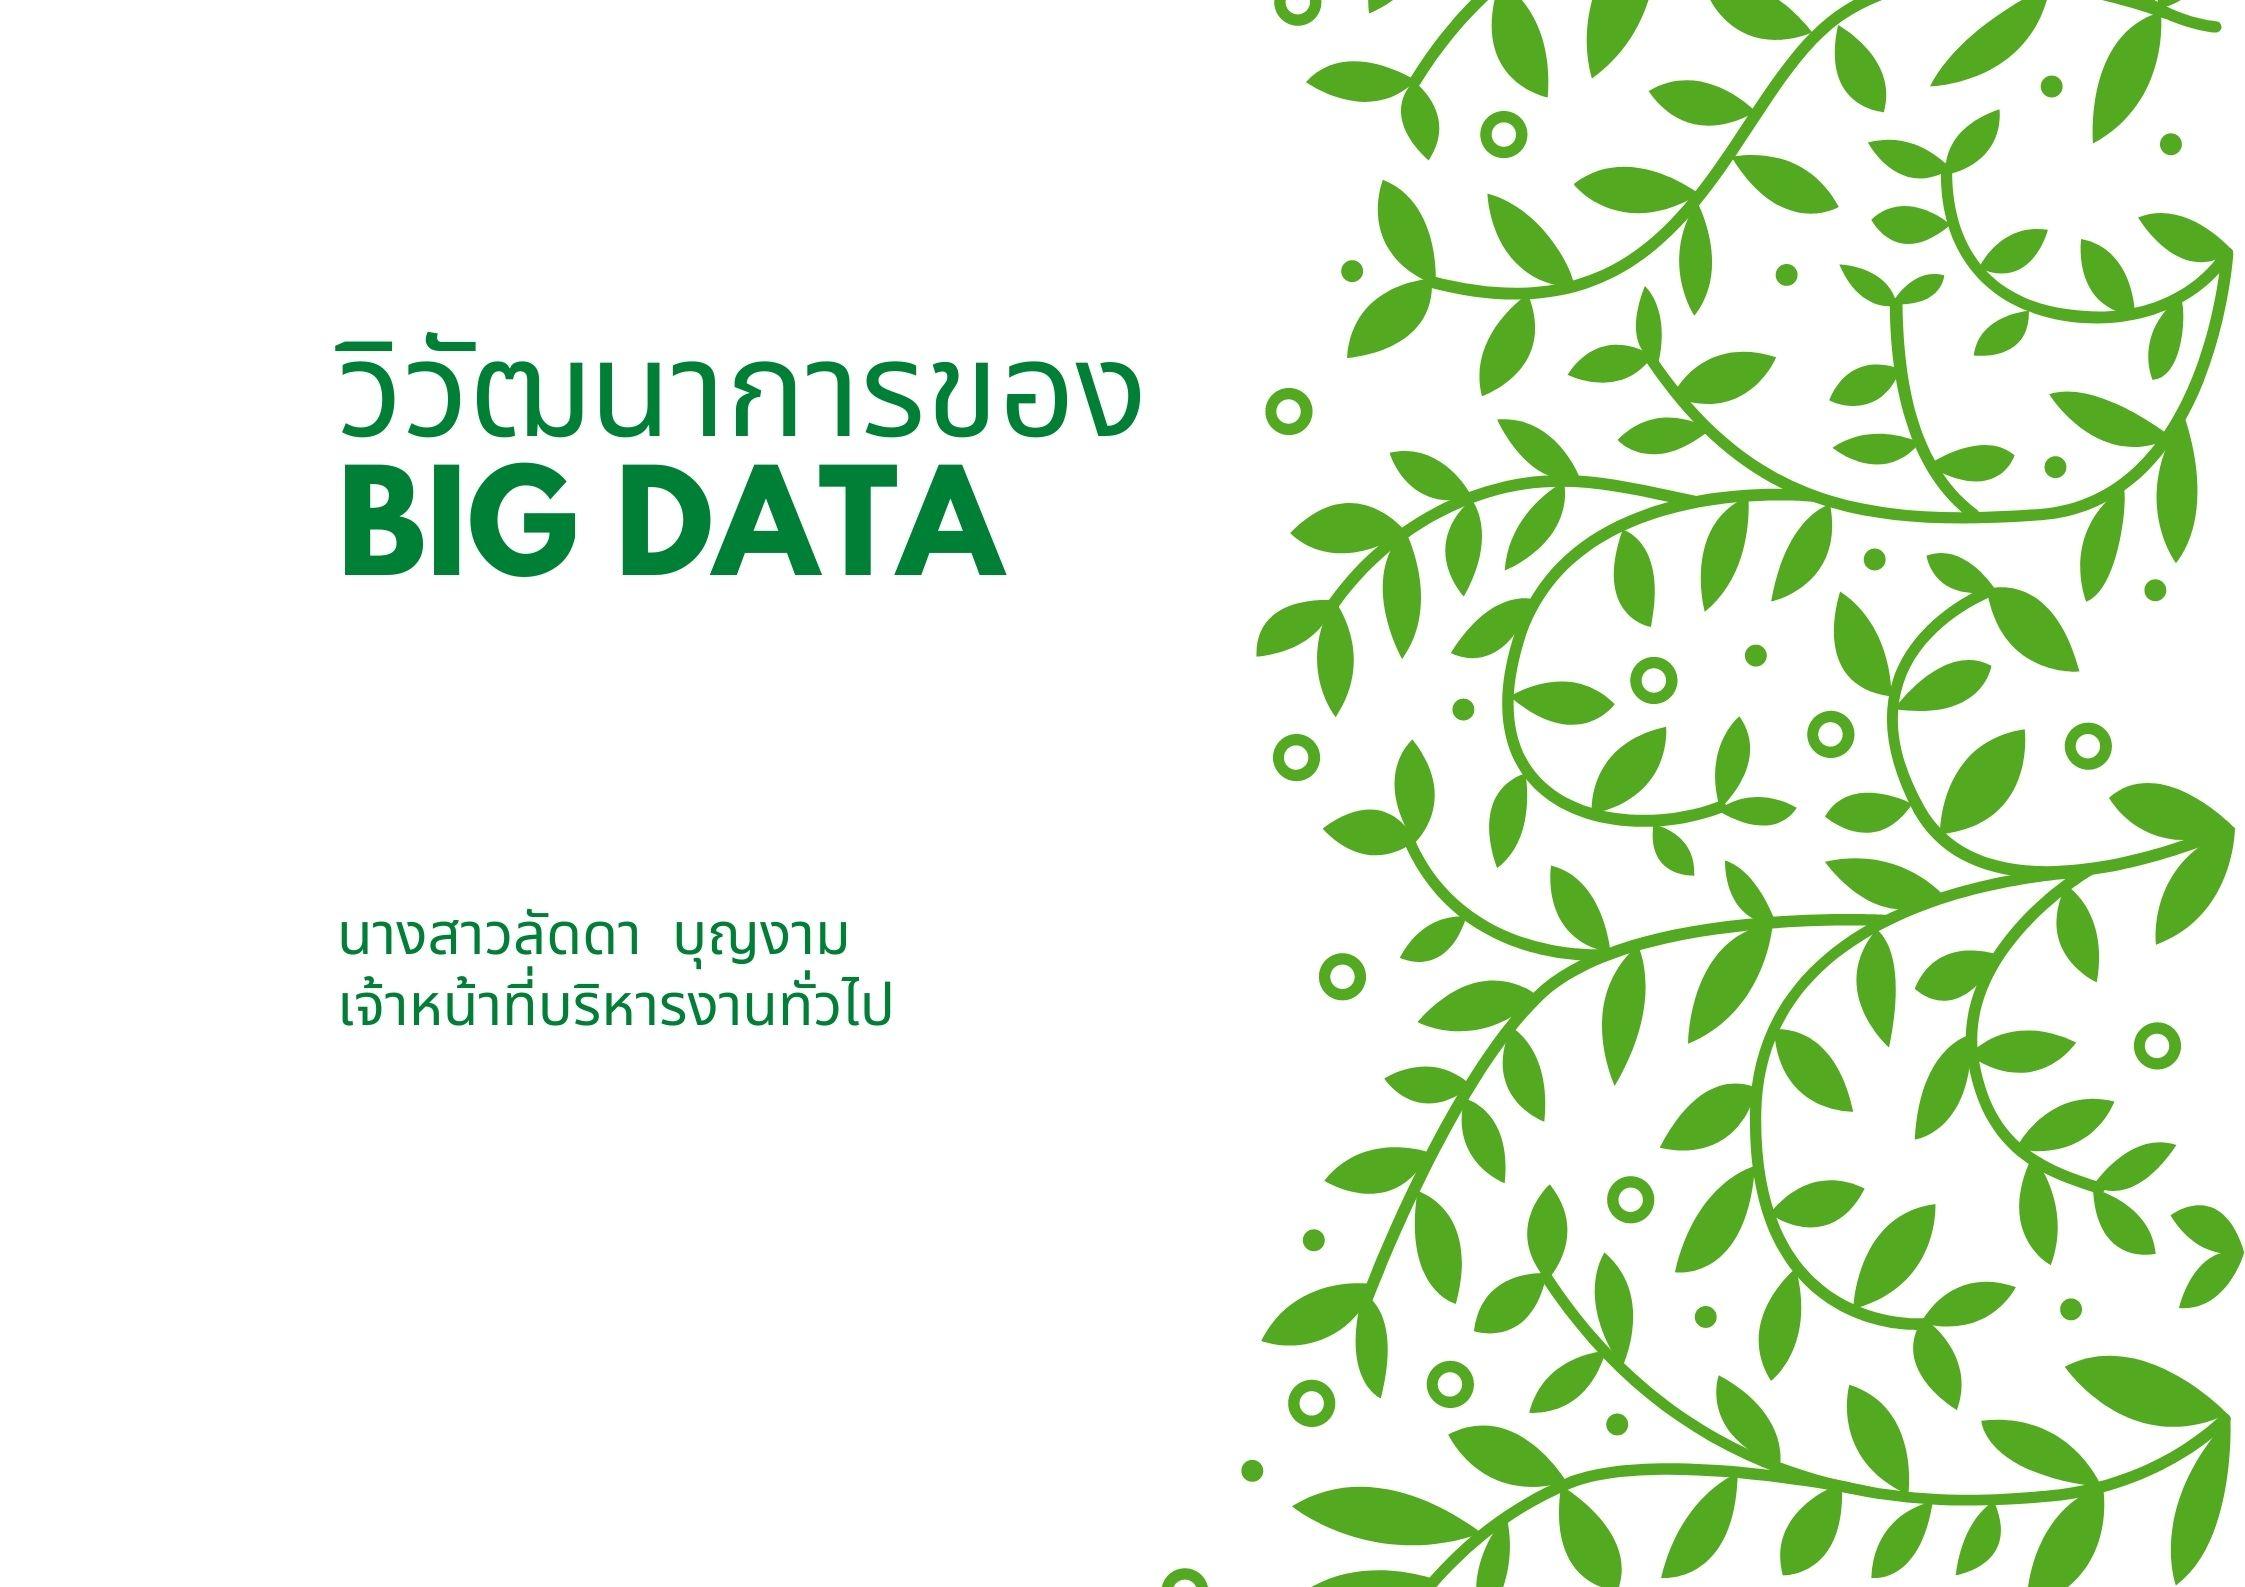 วิวัฒนาการของ-Big-Data